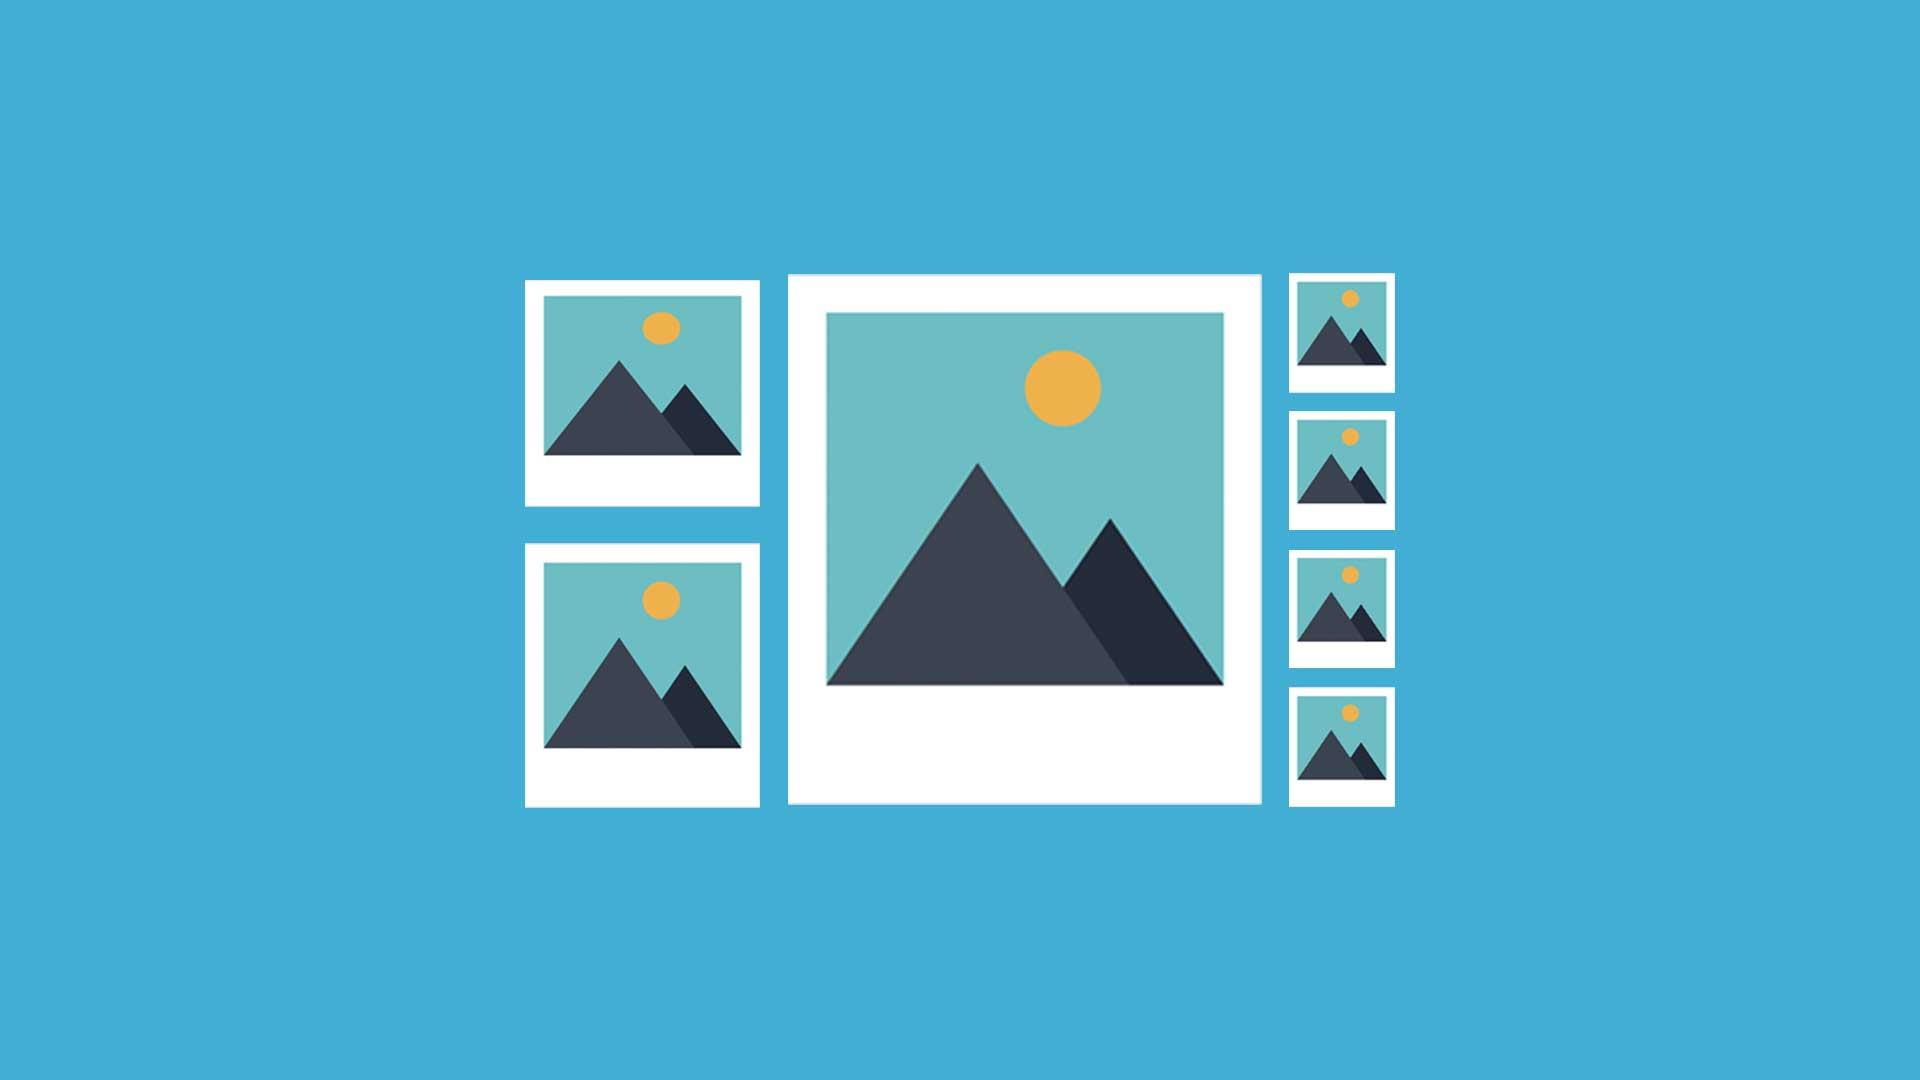 Servindo imagens responsivas com o elemento Picture combinado ao TimThumb